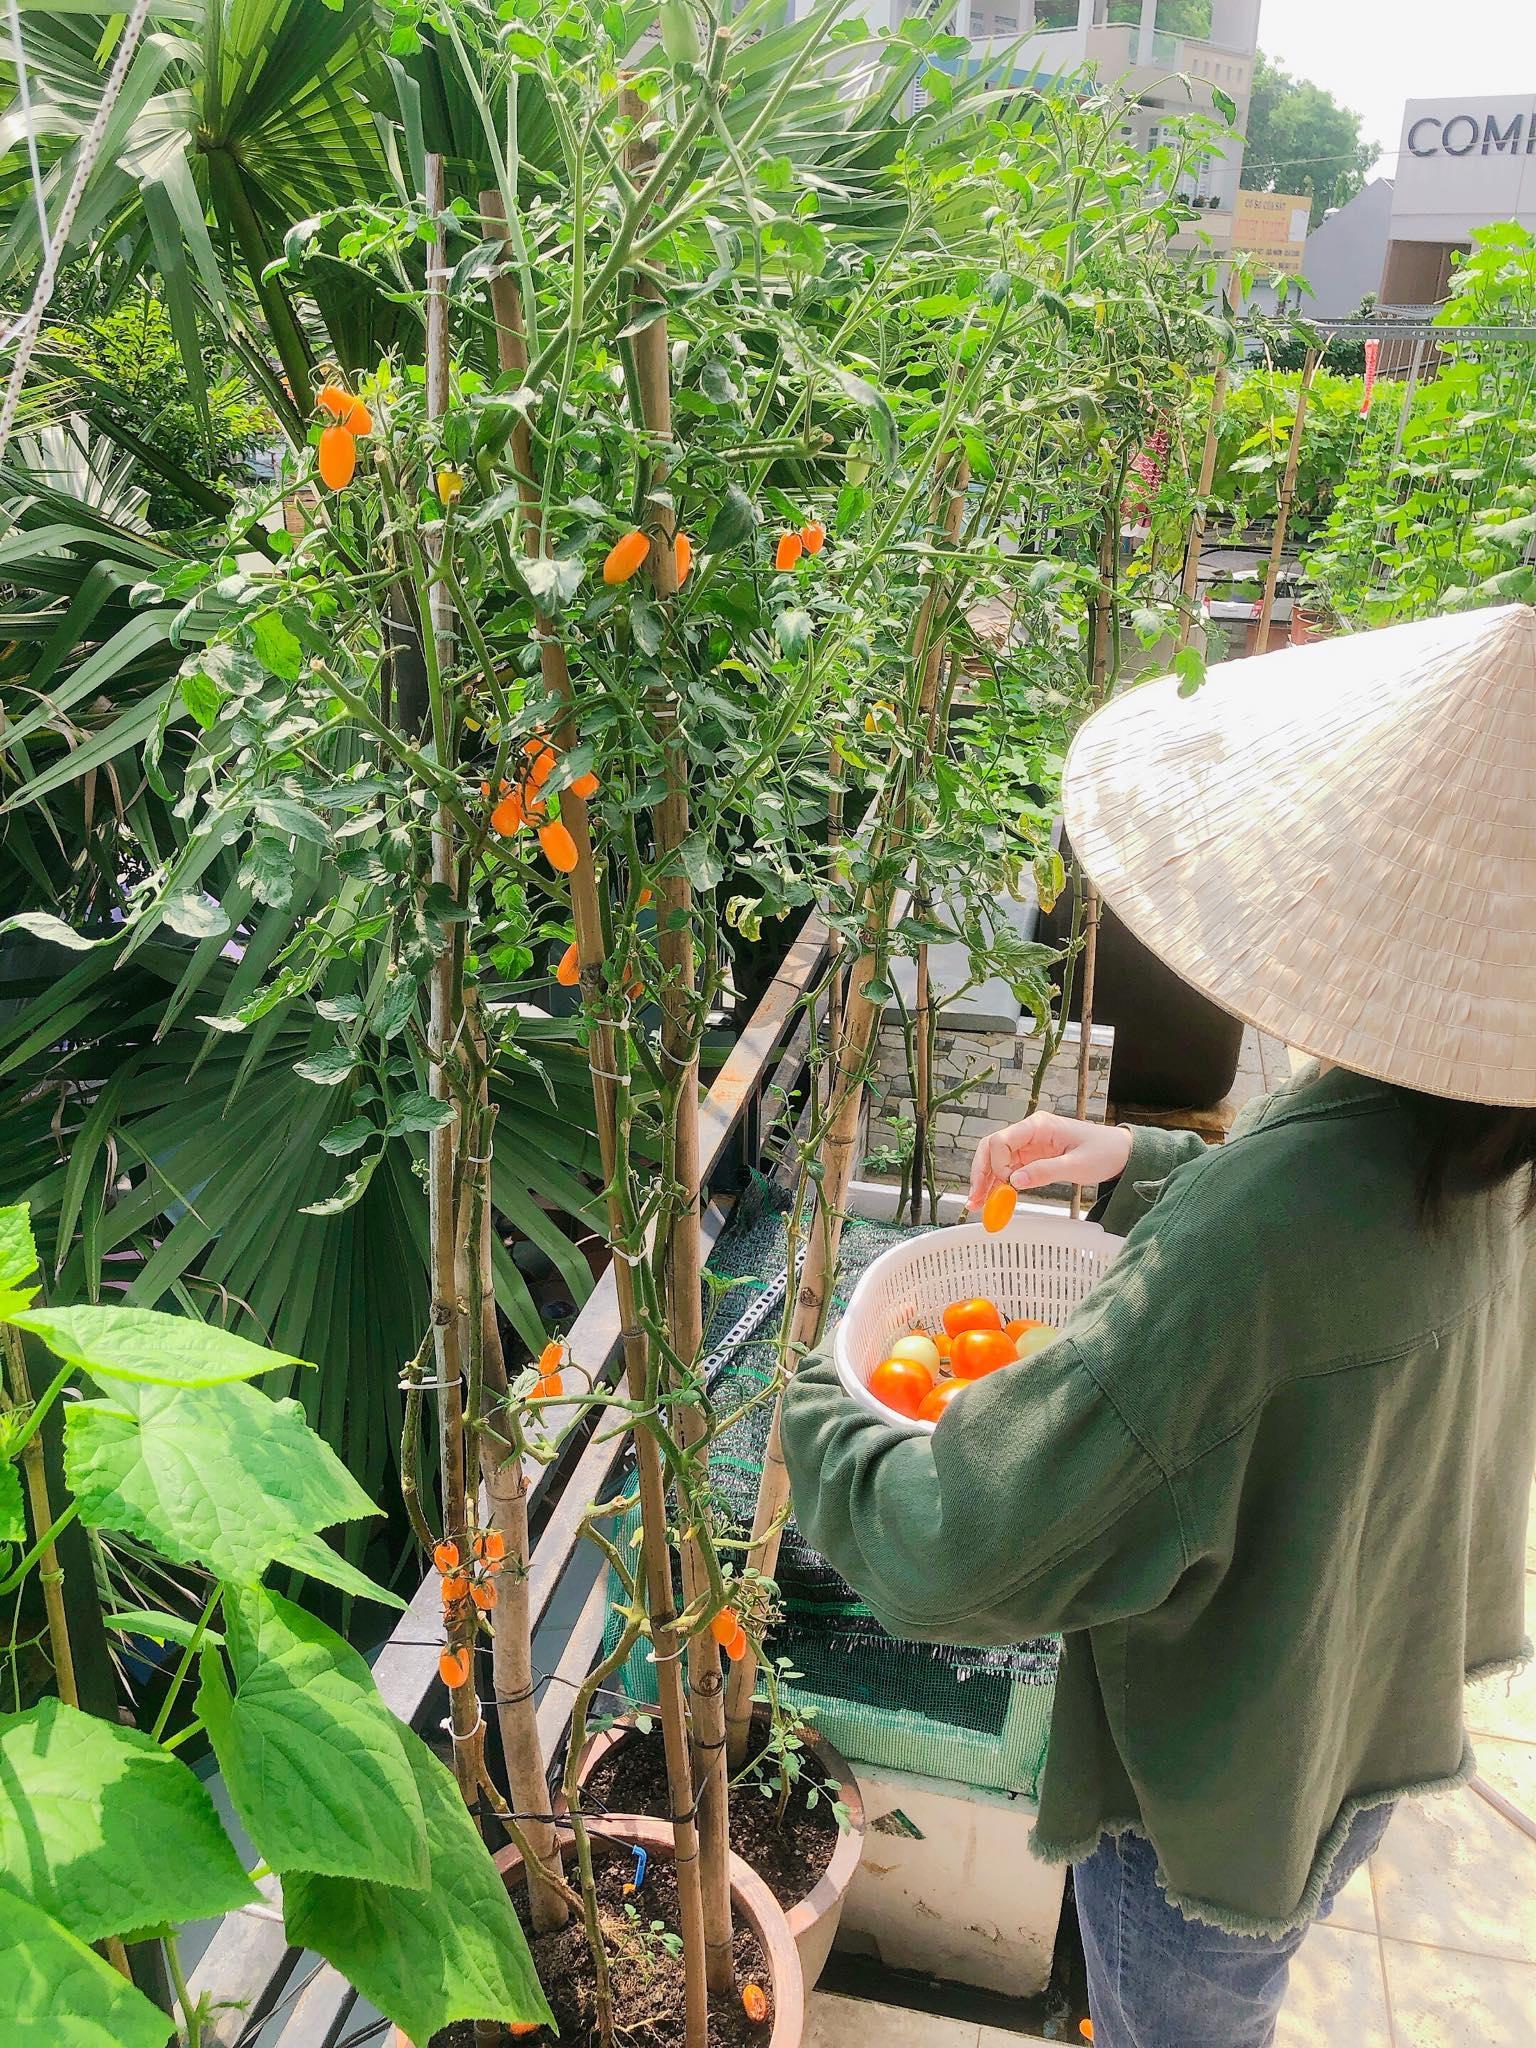 me nau an va trong rau co gai phu kin du loai rau qua sach tren san thuong rong 30m2 o binh duong